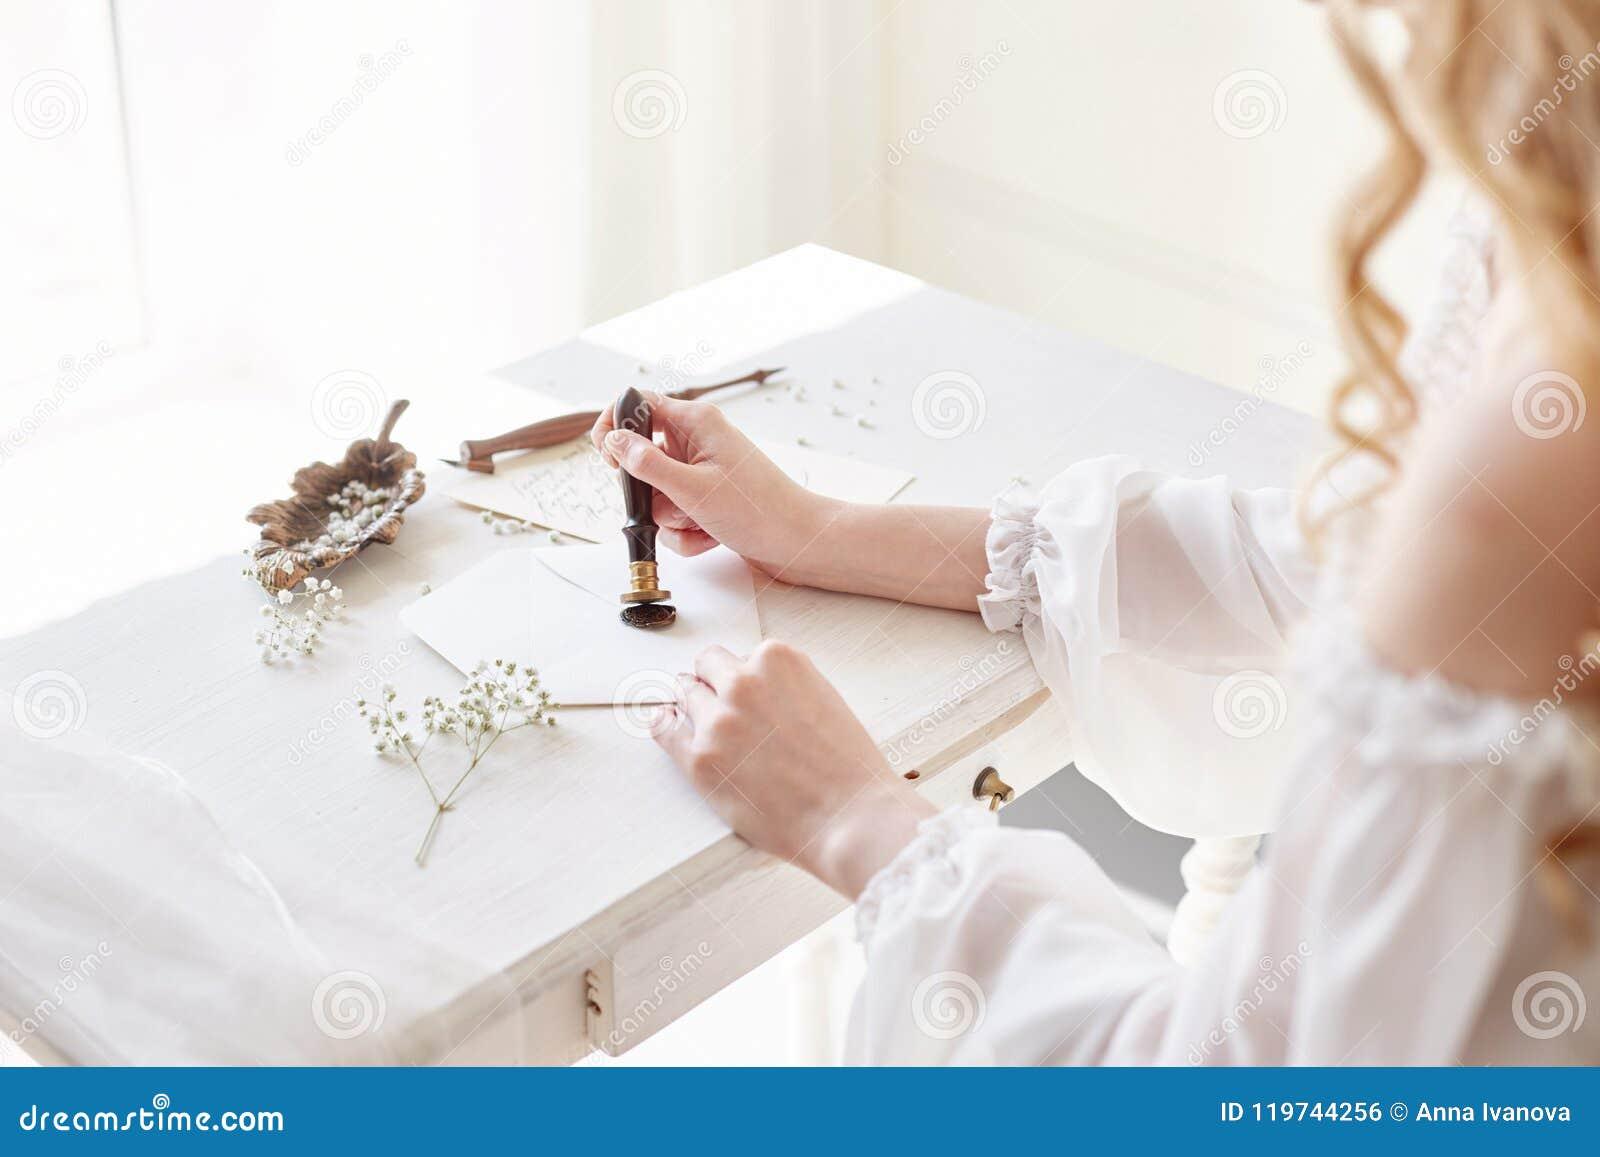 La muchacha escribe una letra a su hombre querido, sentándose en casa en la tabla en un vestido, una pureza y una inocencia de la